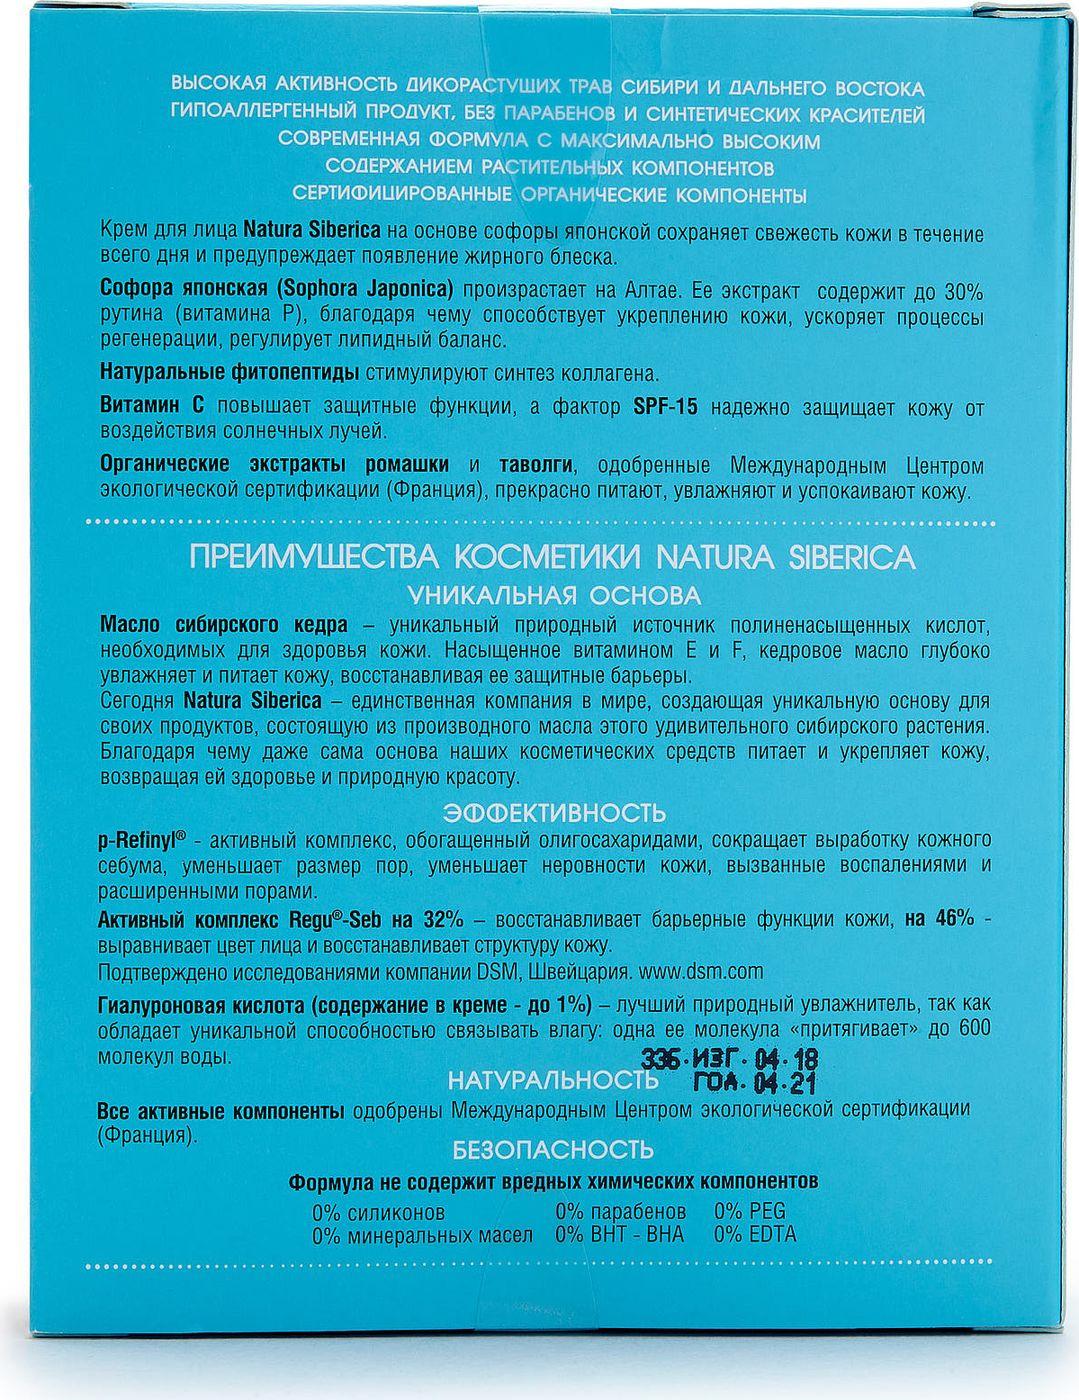 Natura SibericaДневной крем для лица